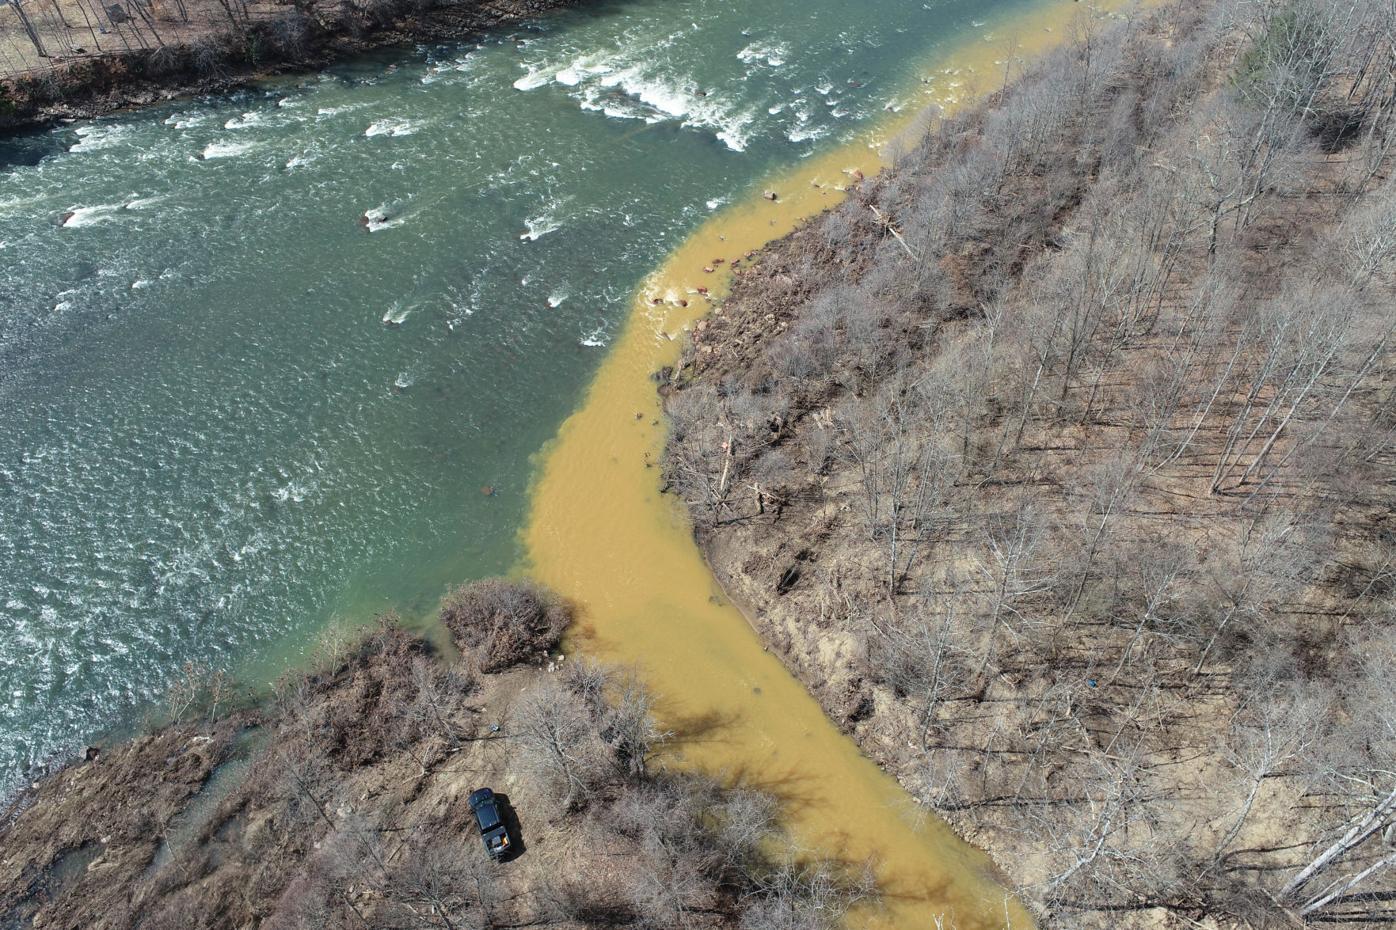 Muddy Creek at Cheat River